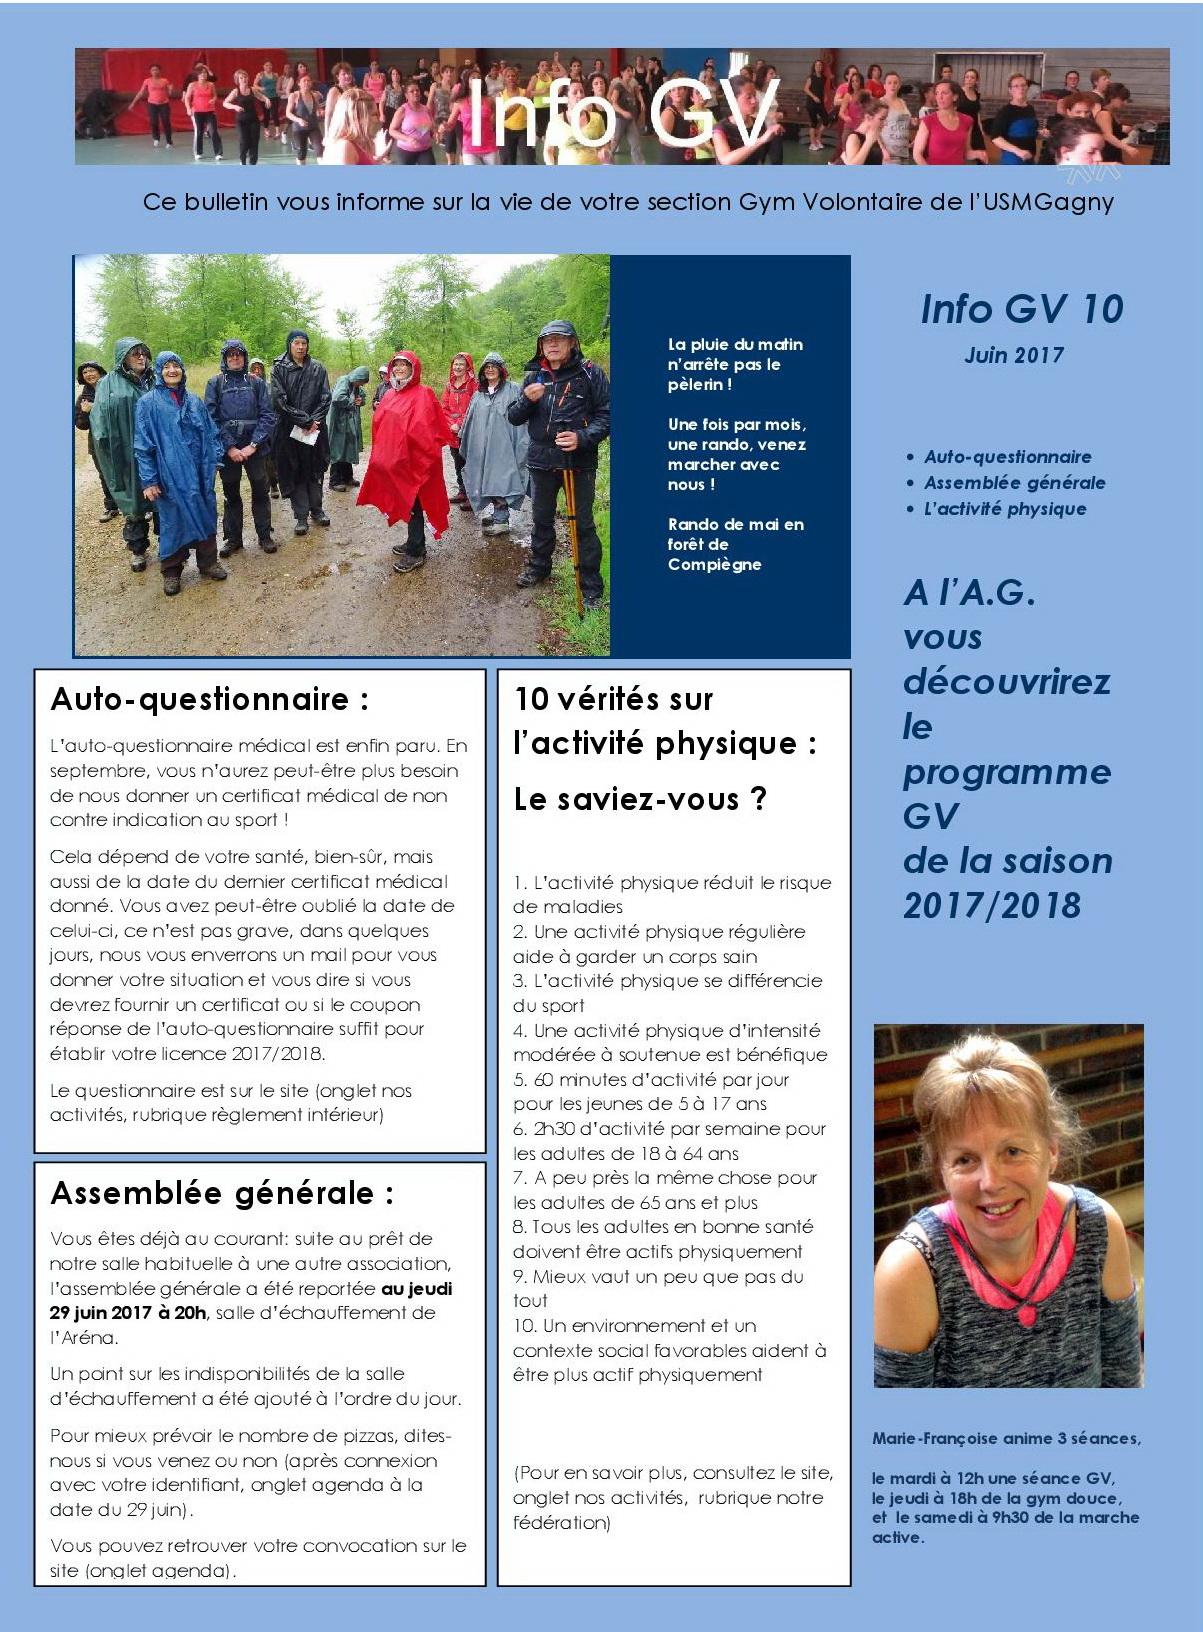 Info gv 10